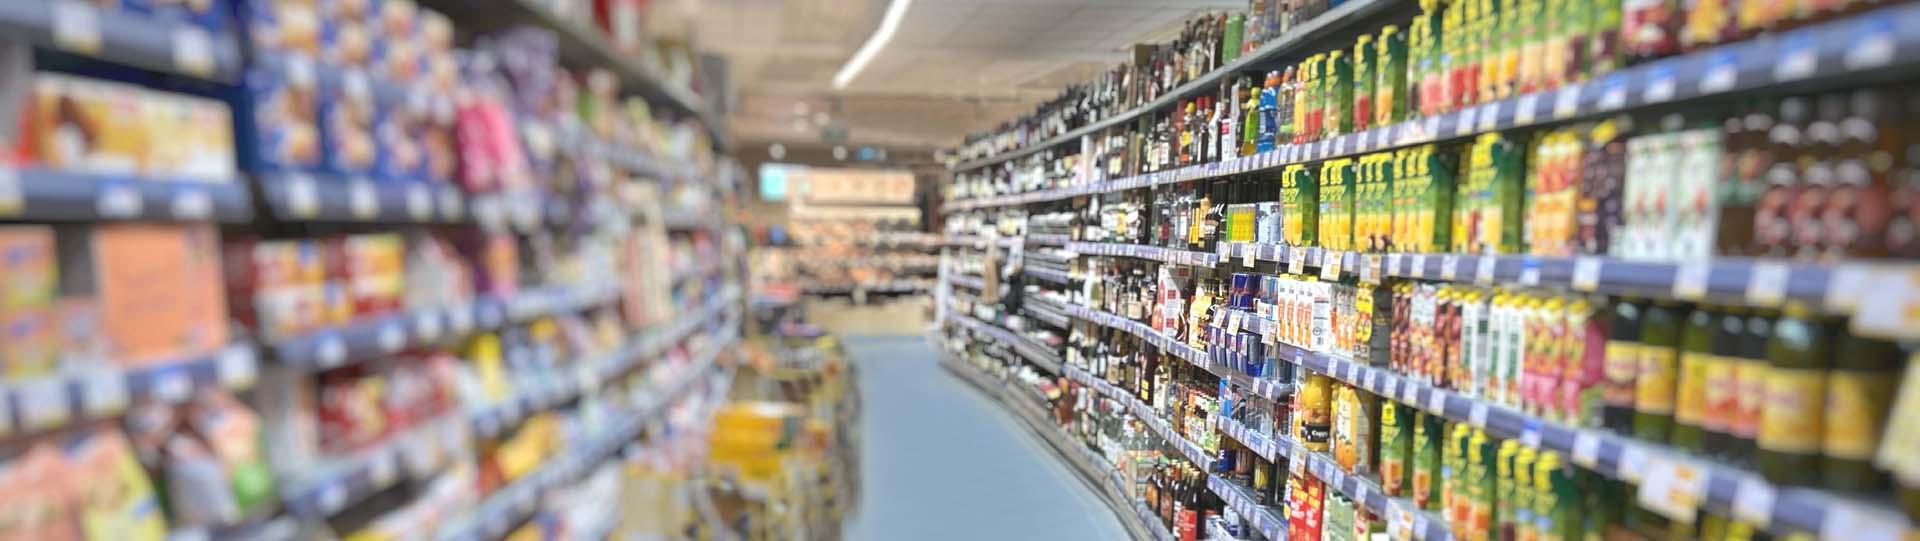 Merchandising Regalbetreuung Verkaufsdurcharbeiten mresearch österreich austria